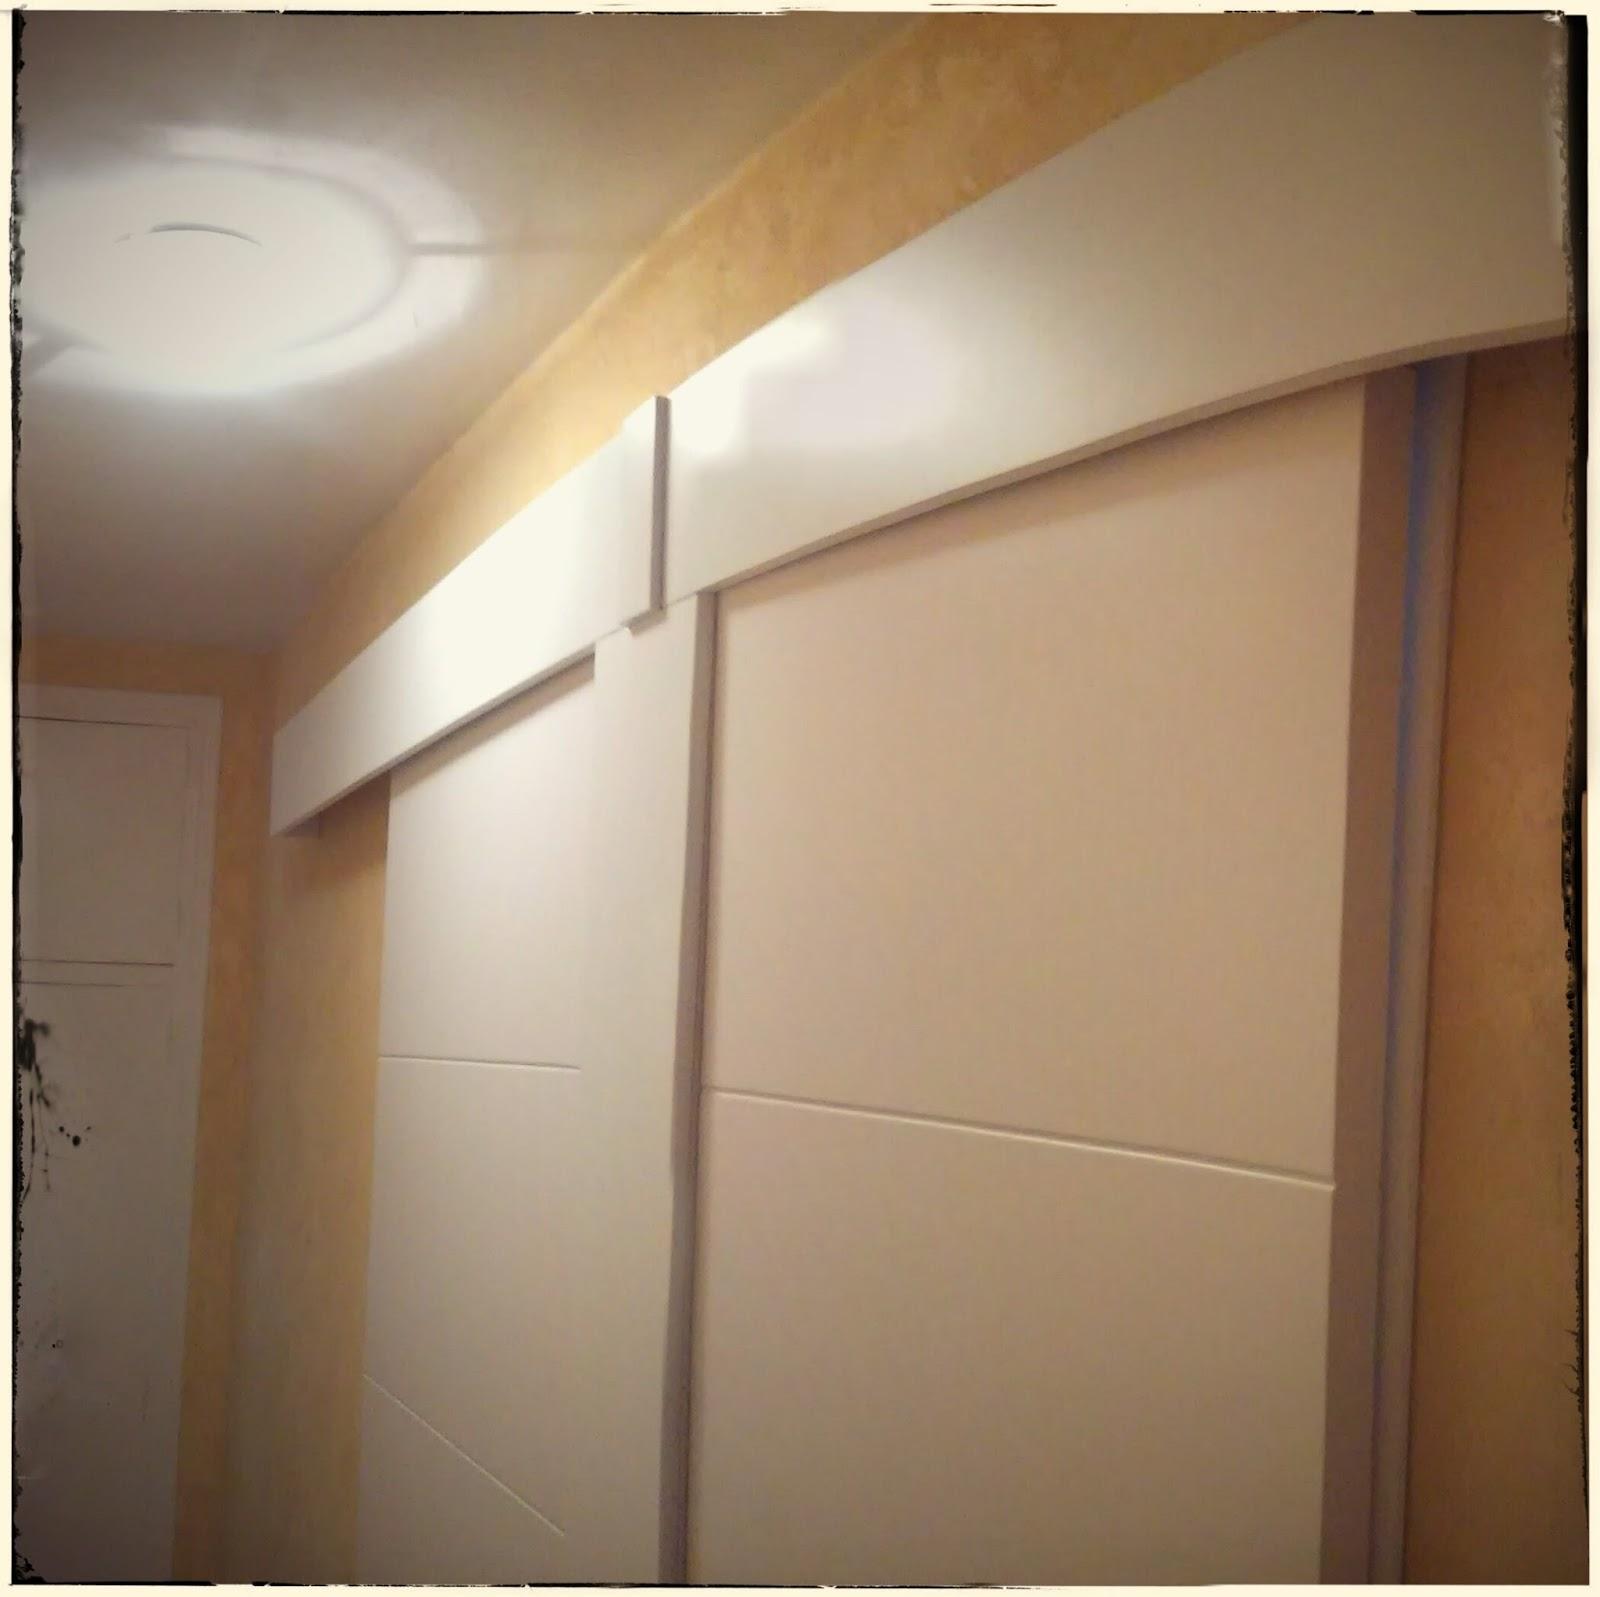 Carpinter a garc a lagares puertas correderas para cocina - Puertas correderas de cocina ...